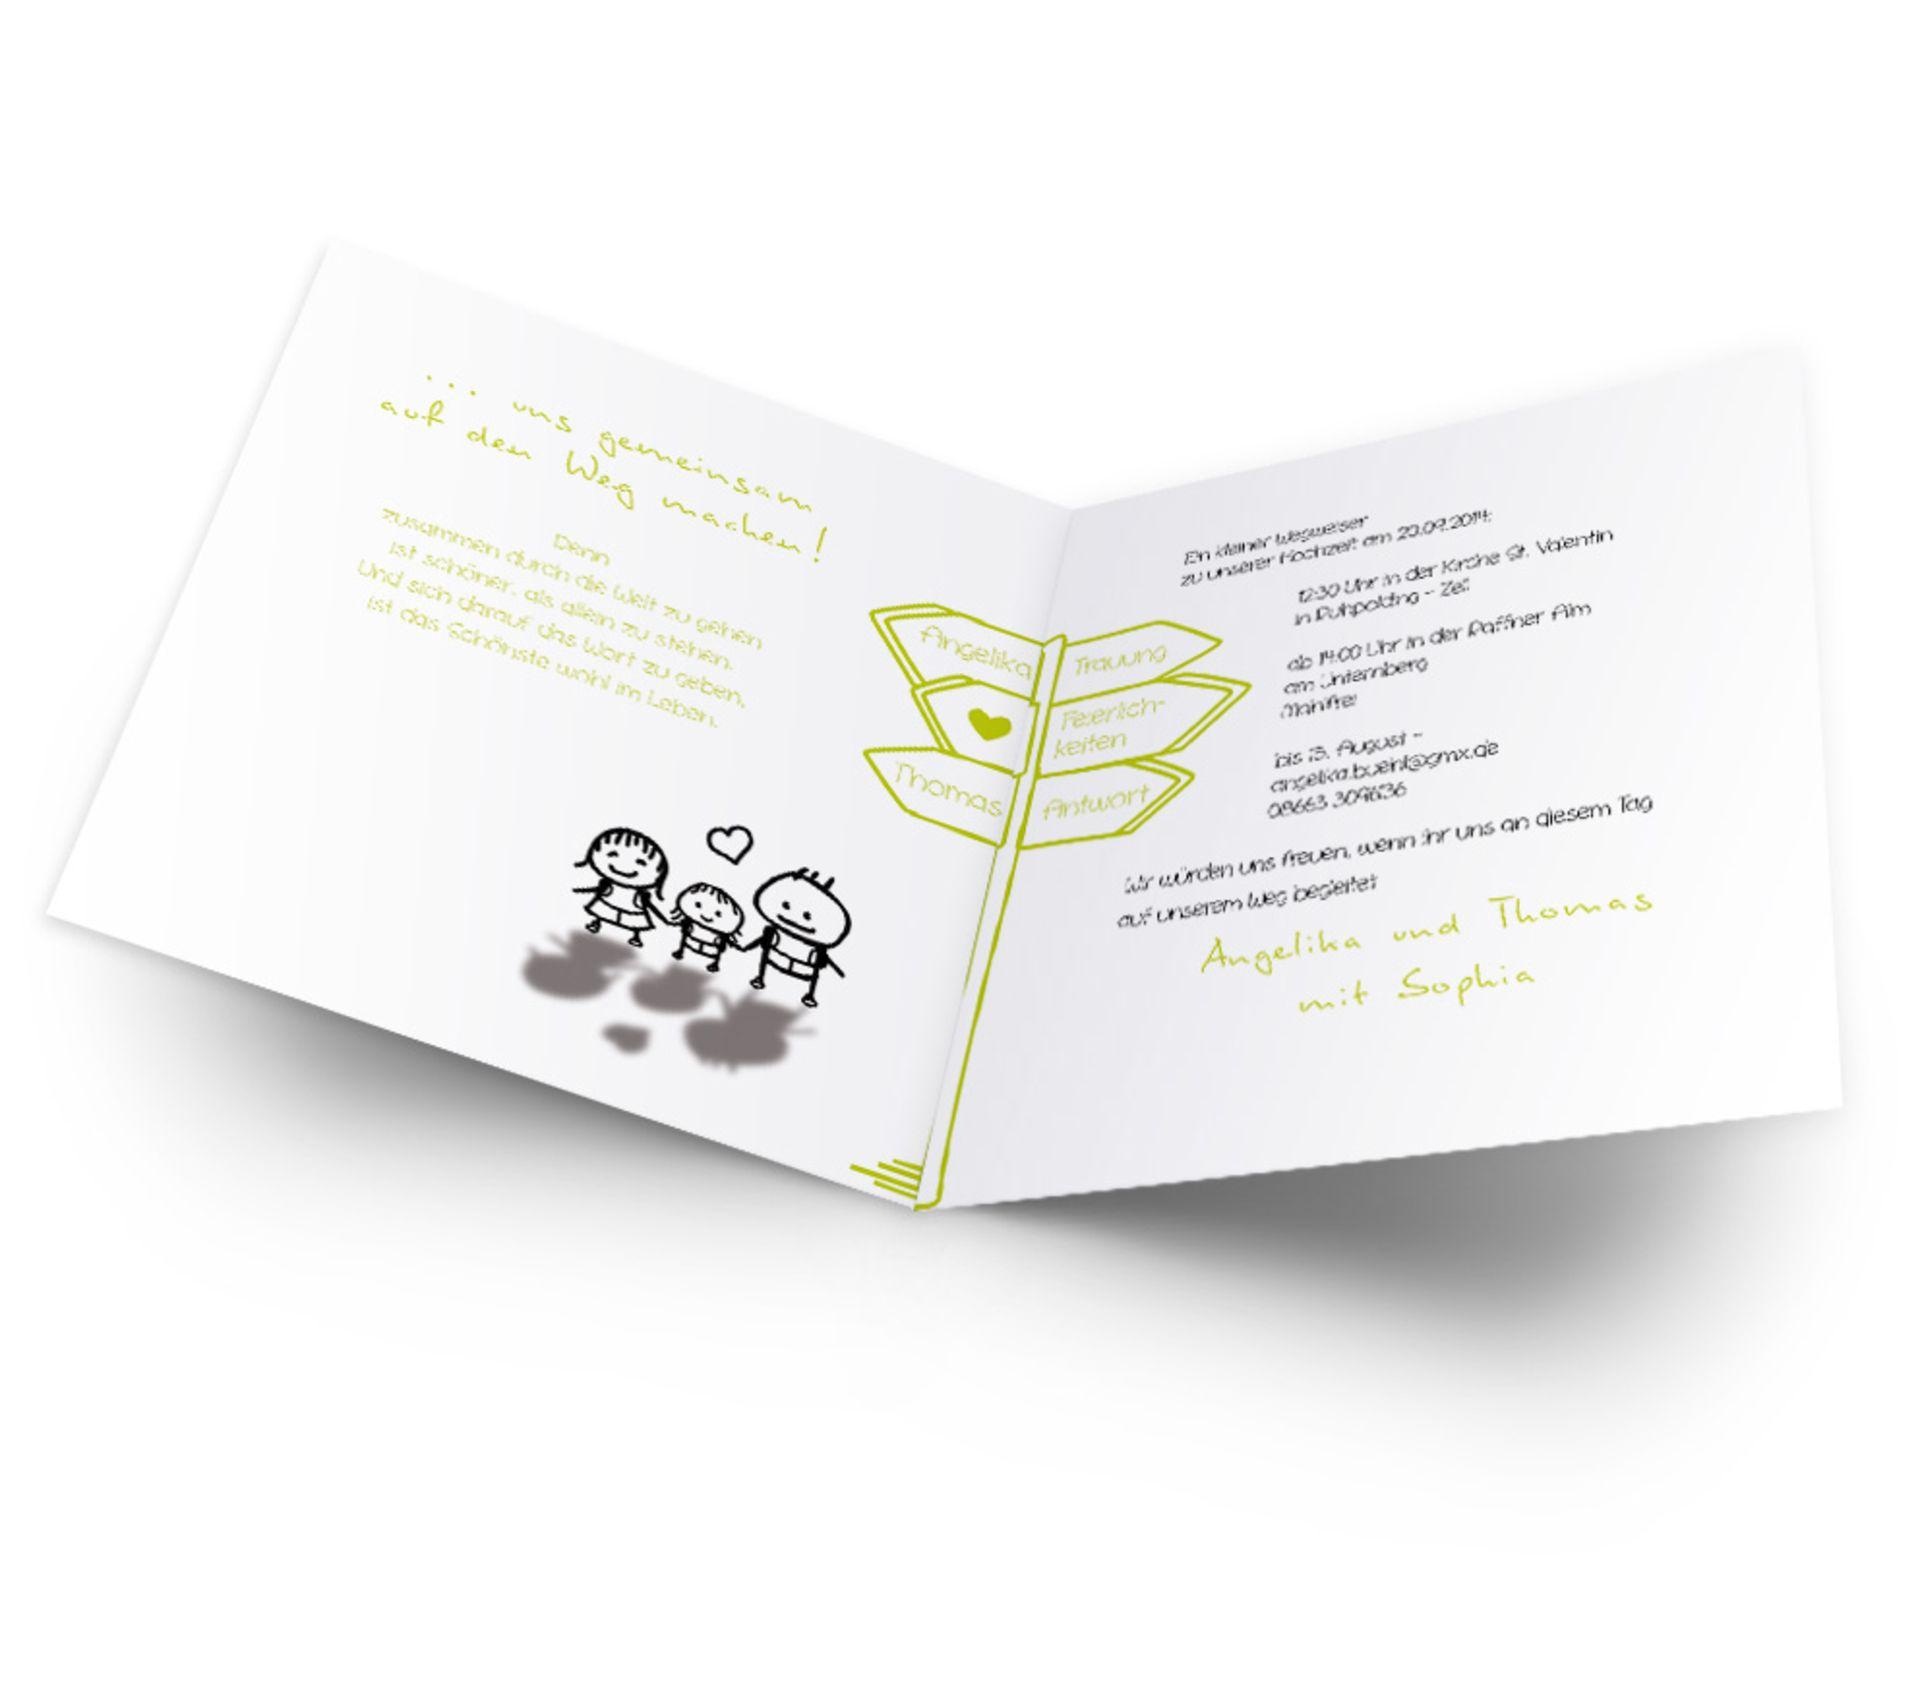 Gluckwunsche Hochzeitskarten Texte Vrenis Herzklopfen